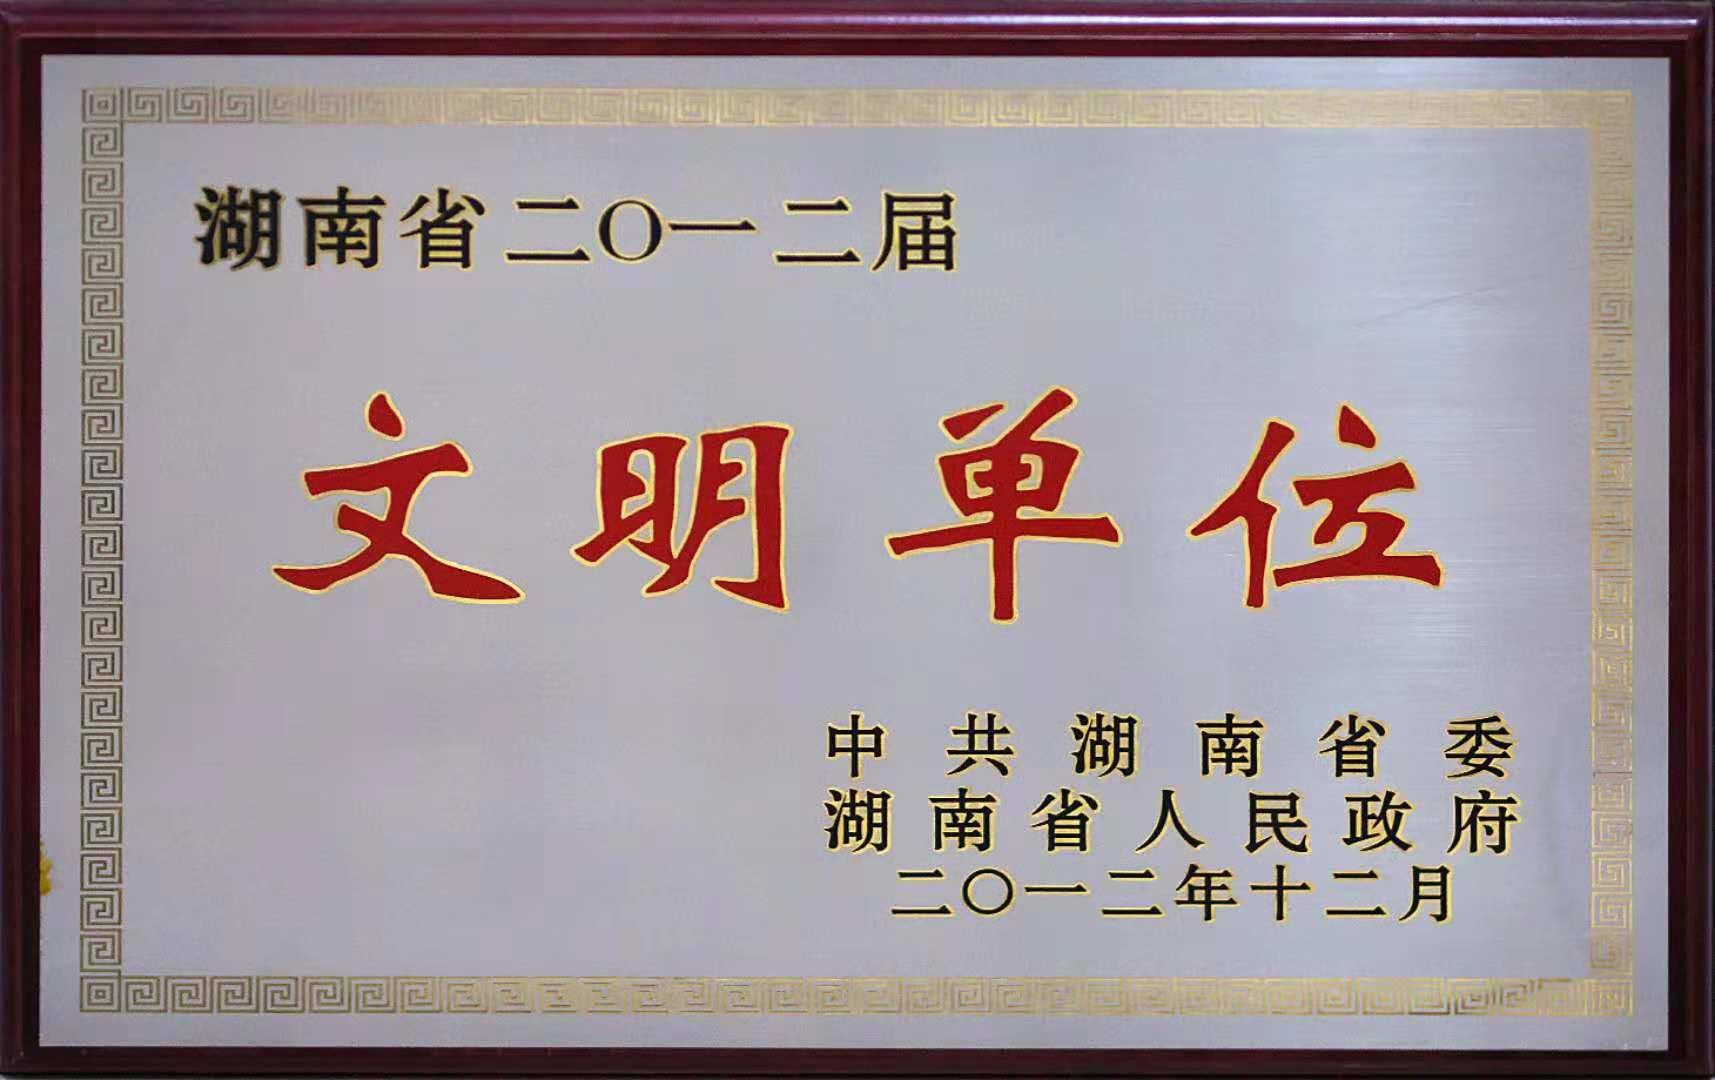 【省级】湖南省文明单位